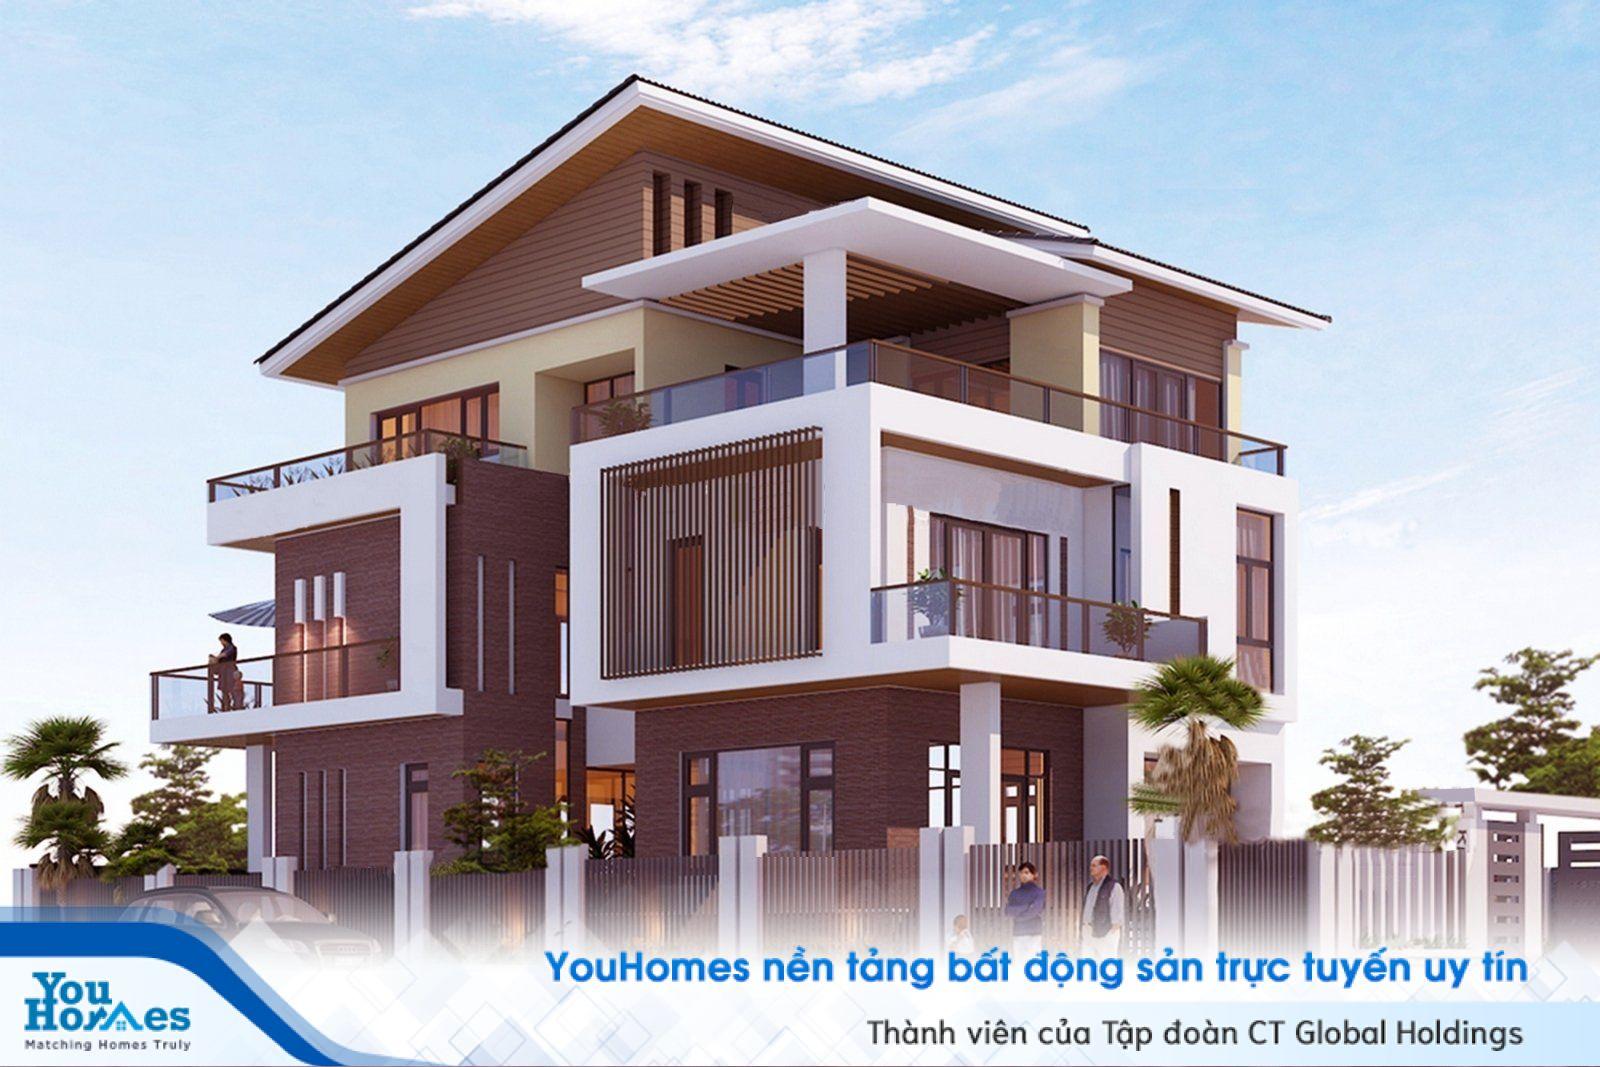 15+ mẫu biệt thự 3 tầng hiện đại nhiều người mong muốn sở hữu